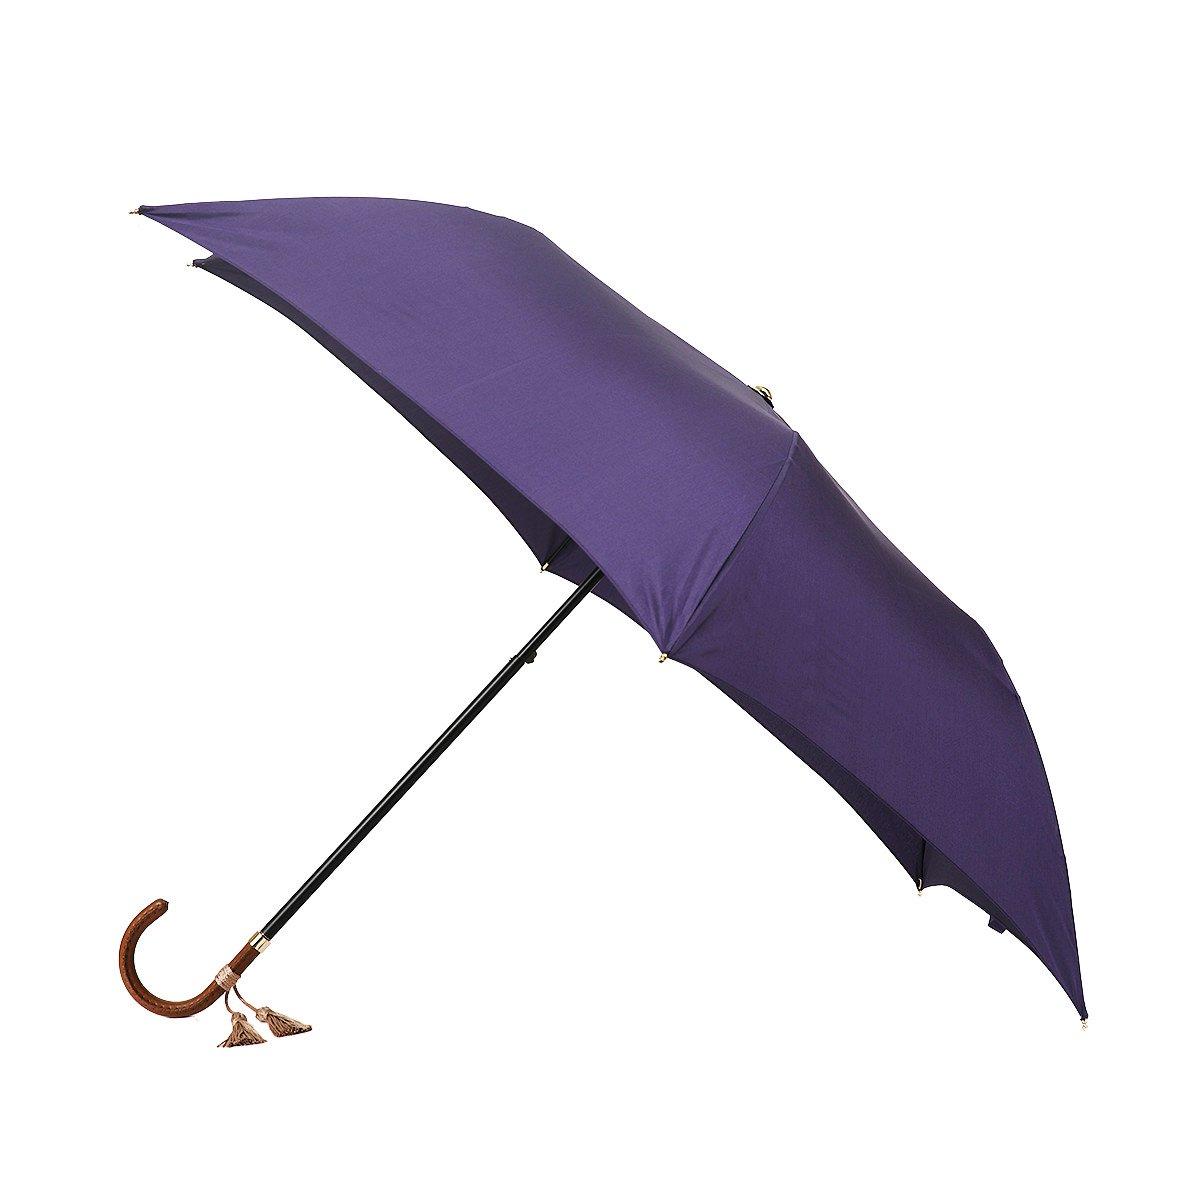 東京ノーブル 無地 折りたたみ傘 詳細画像10